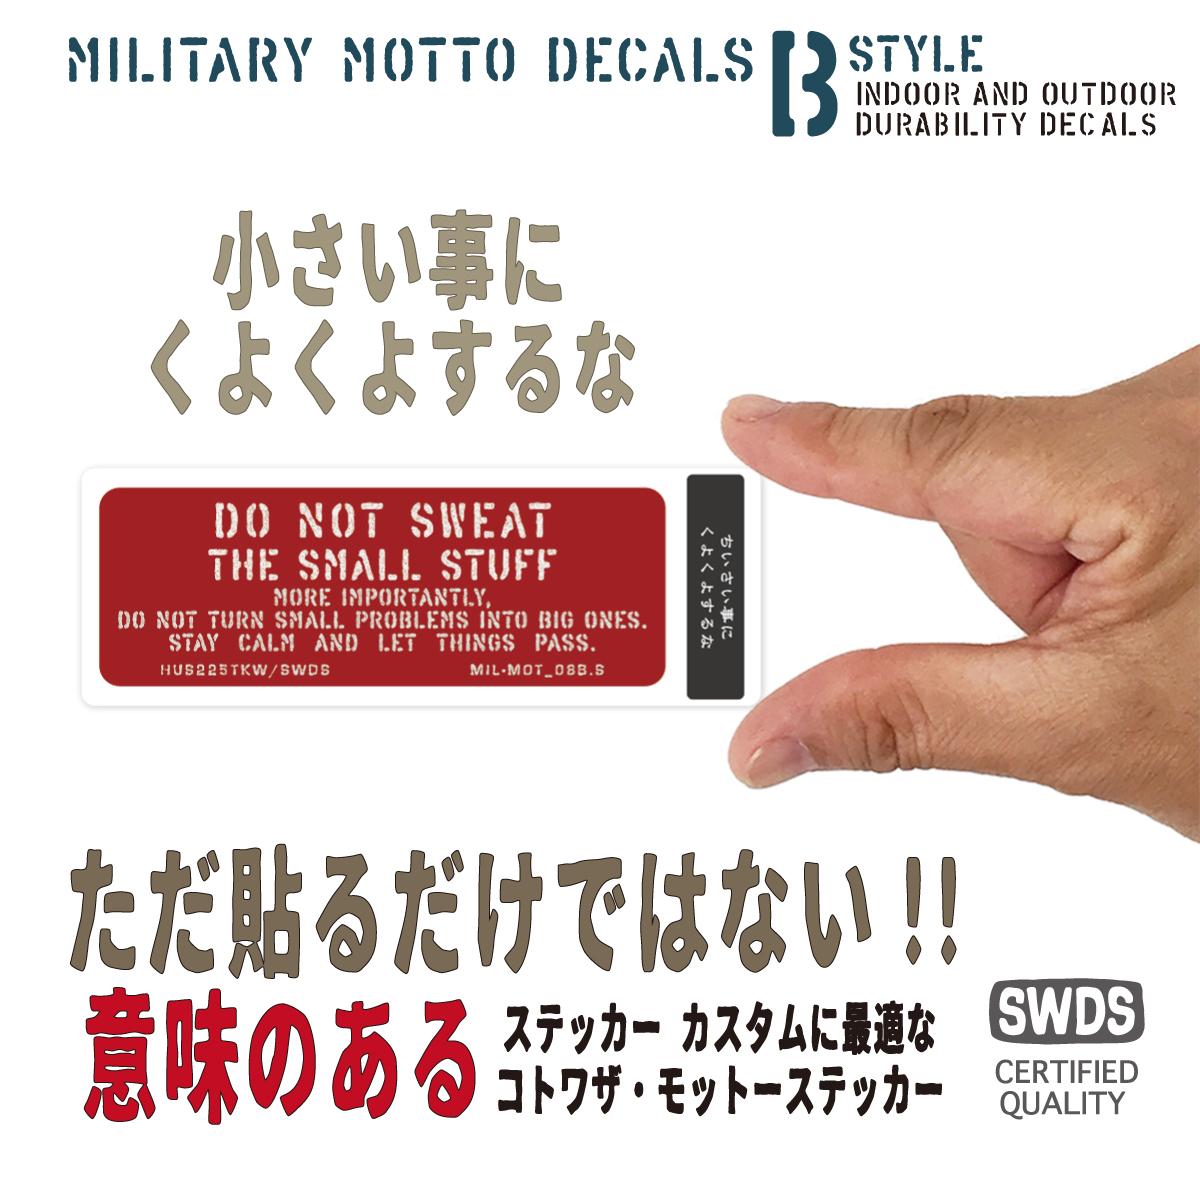 MIL-MOTB-S-008S